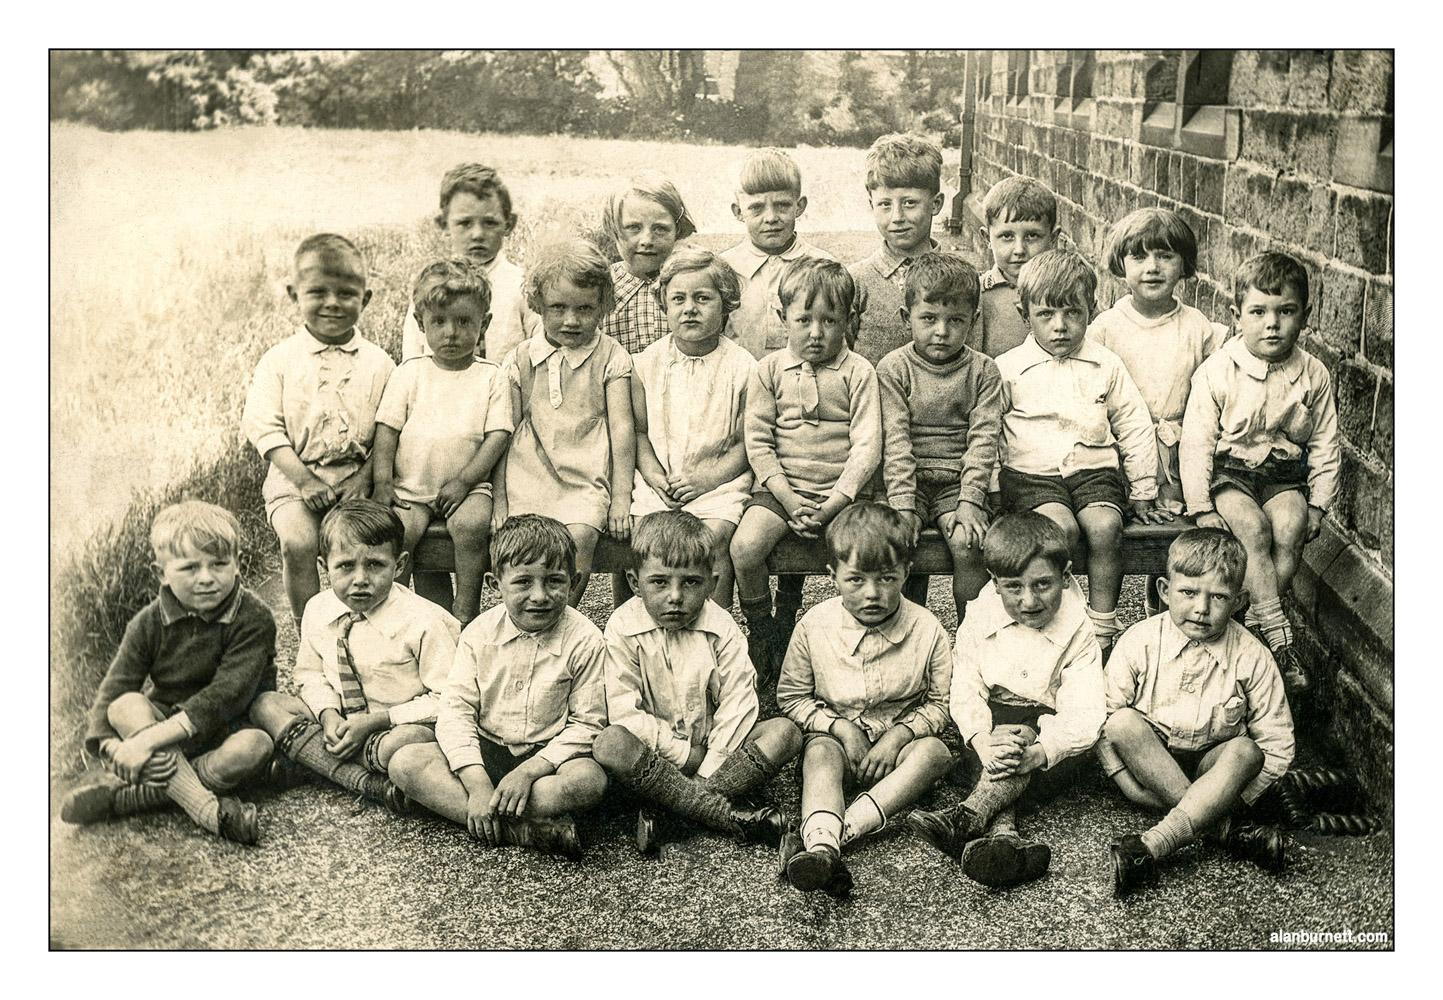 South Crosland Junior School (1940s)